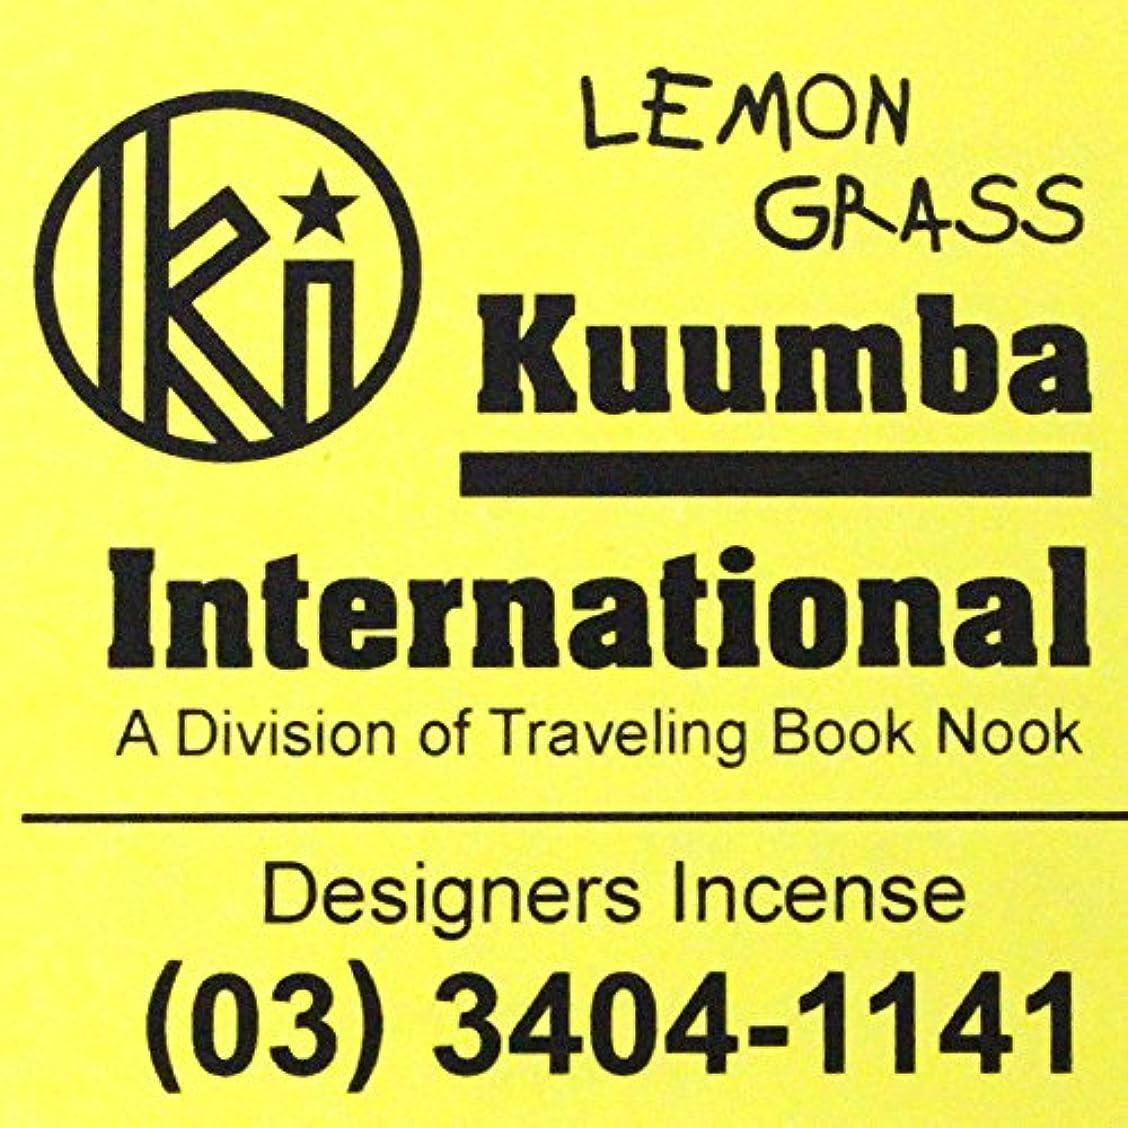 食物私たちのものモルヒネ(クンバ) KUUMBA『incense』(LEMON GRASS) (Regular size)